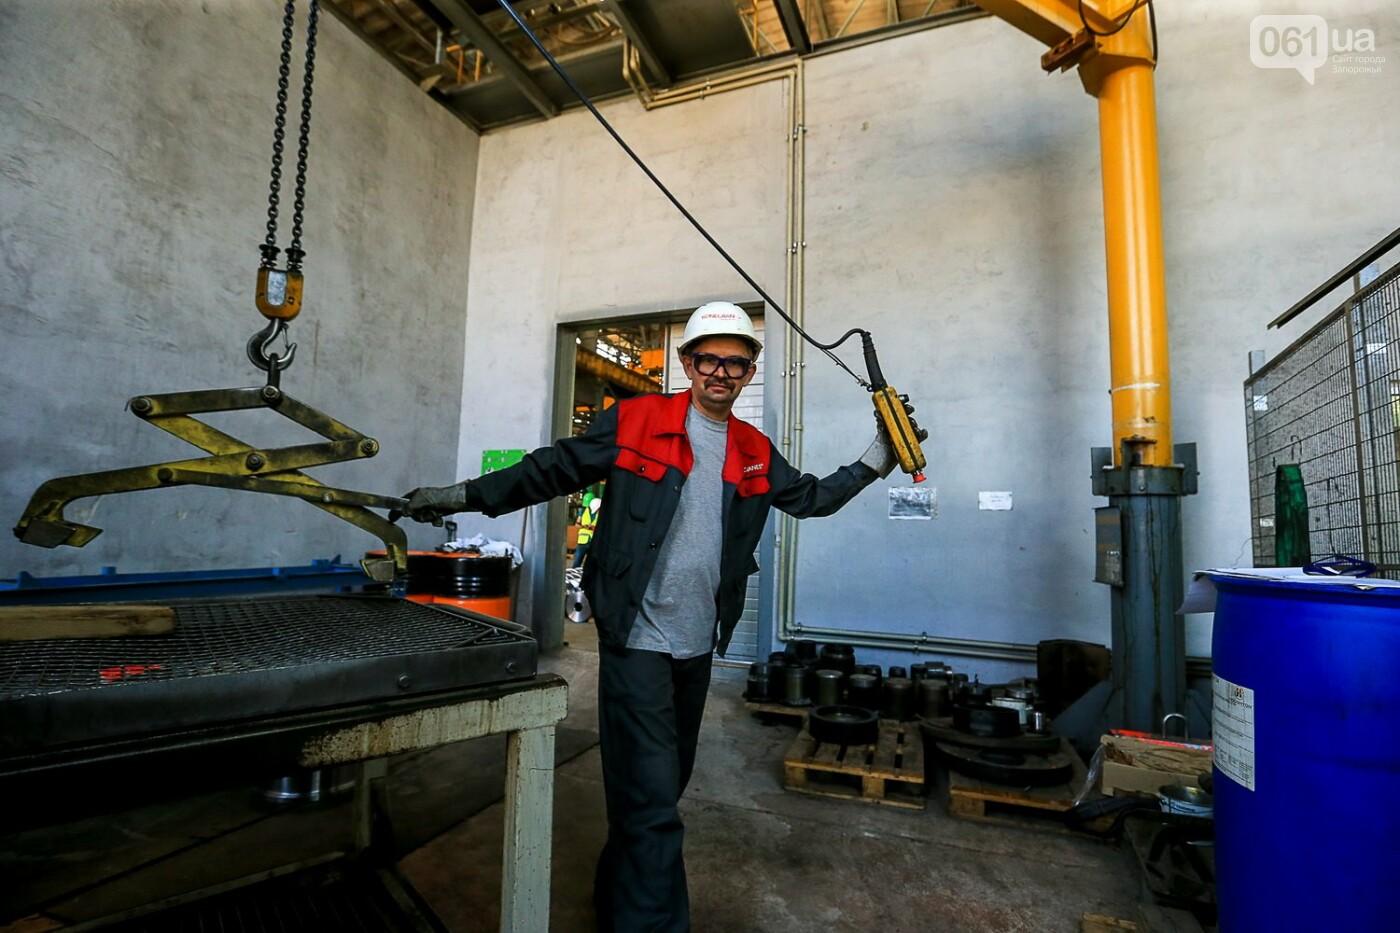 Как в Запорожье работает крупнейший в Европе завод по производству кранов: экскурсия на производство, — ФОТОРЕПОРТАЖ, фото-49